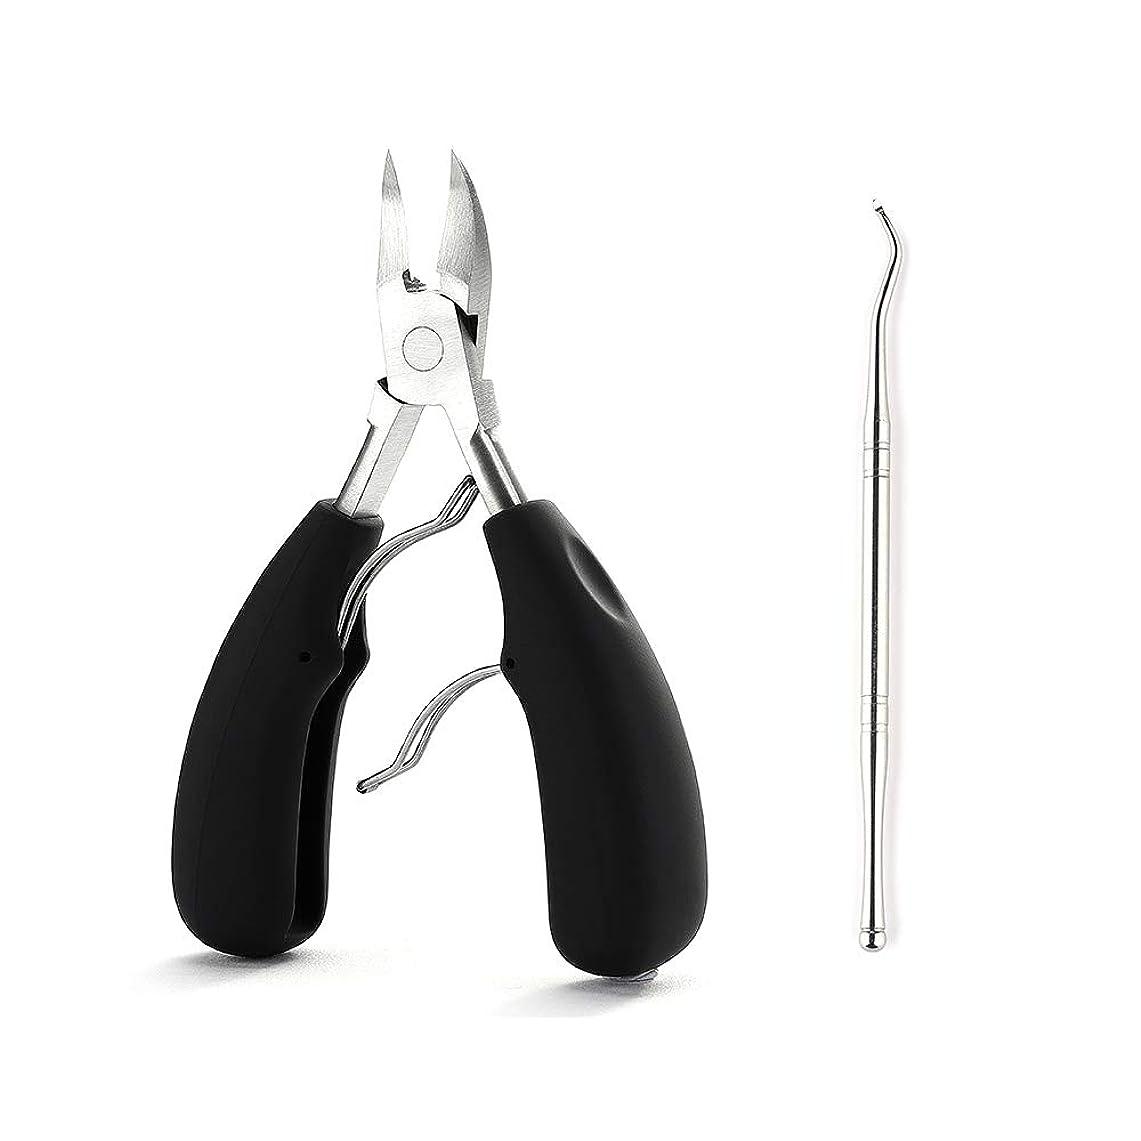 エネルギー哲学ヶ月目SurgeHai 爪切りキューティクルニッパーとキューティクルプッシャー - 理想的な指の爪と足の爪のためのプロフェッショナルなステンレス鋼のマニキュアとペディキュアツール、2キューティクルトリマーのセット